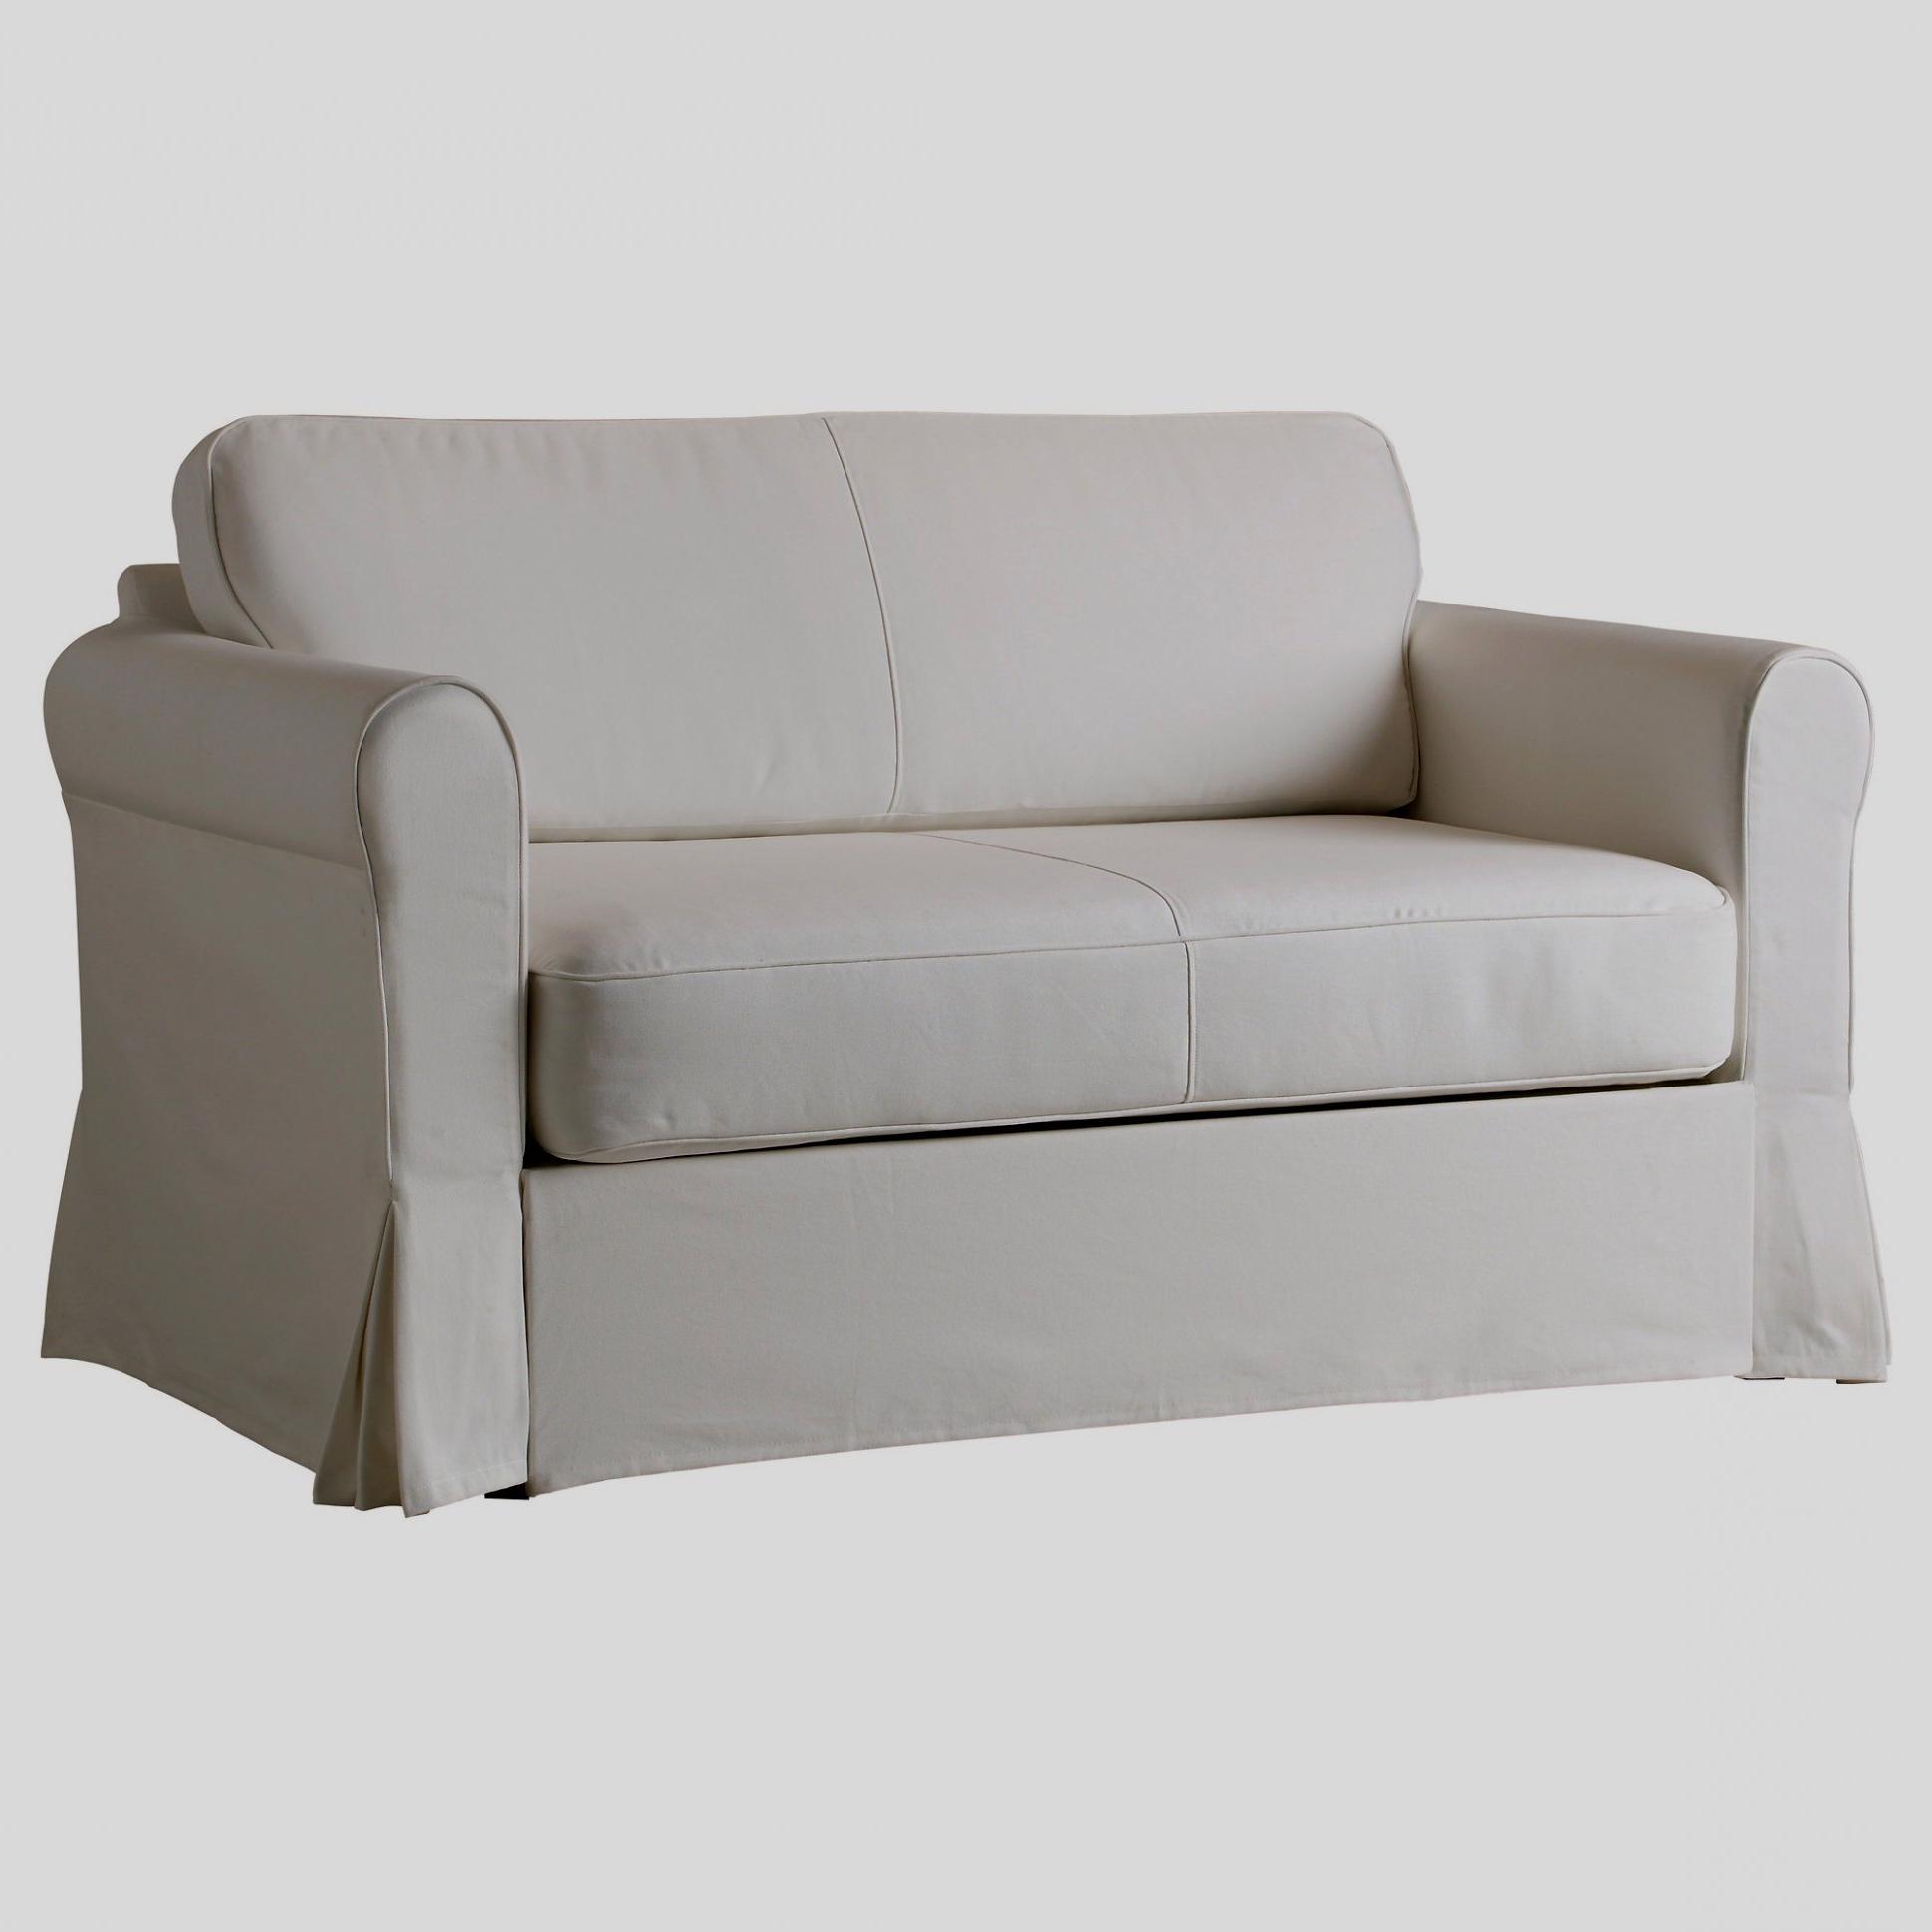 Sofa Cama Blanco Bqdd Sillon Blanco Grande Ikea Bett sofa Best sofa Cama Ikea